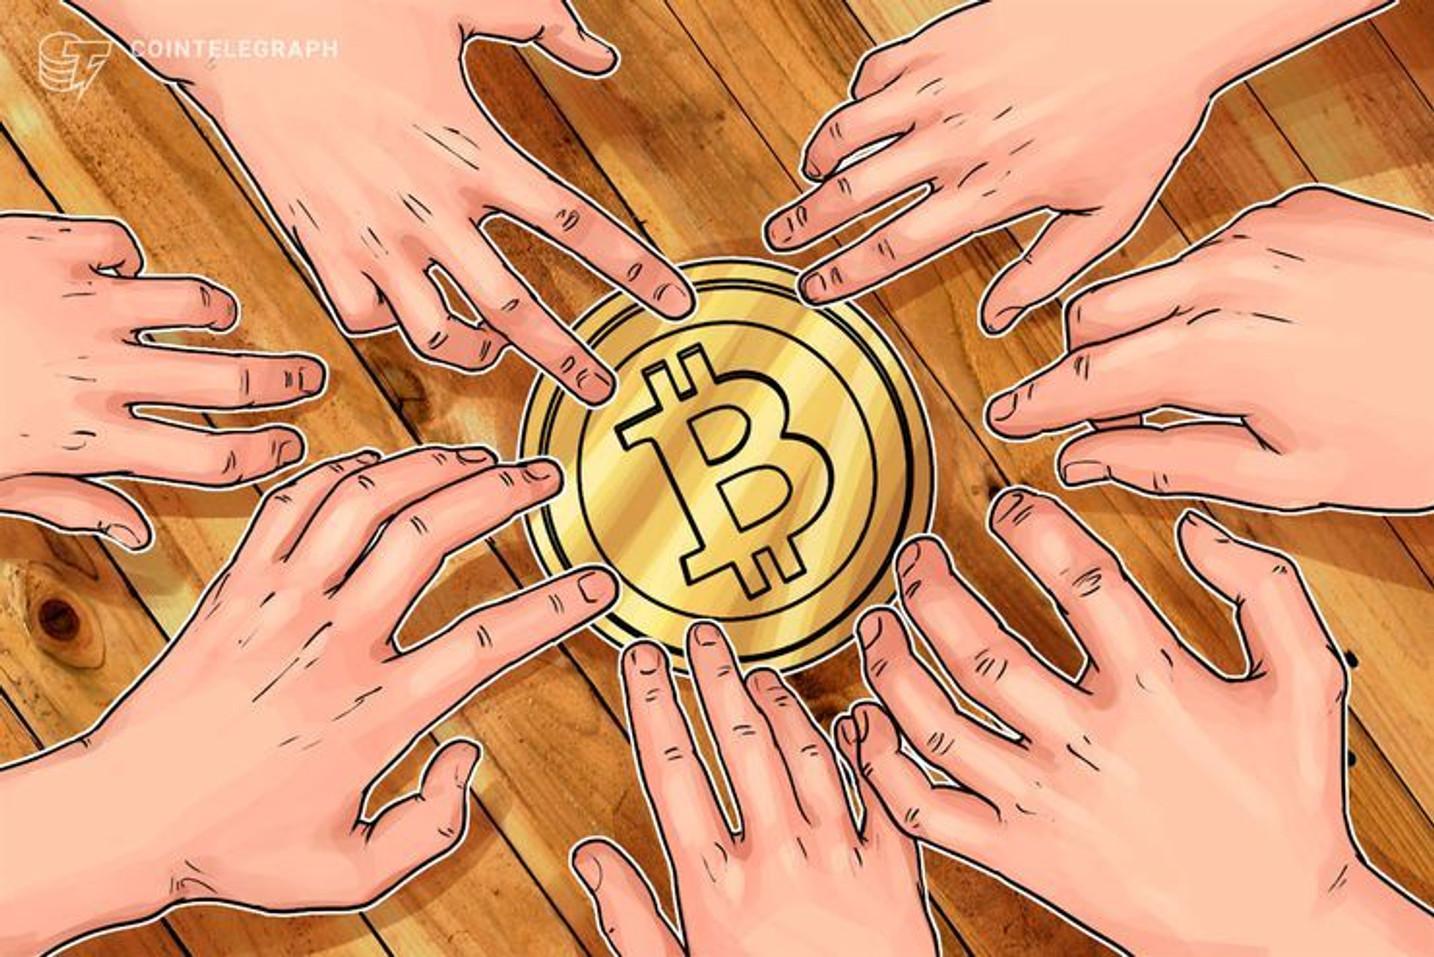 Golpes com Bitcoin: 2019 pode ter recorde de atividades ilegais e suspensões pela CVM, mostra relatório